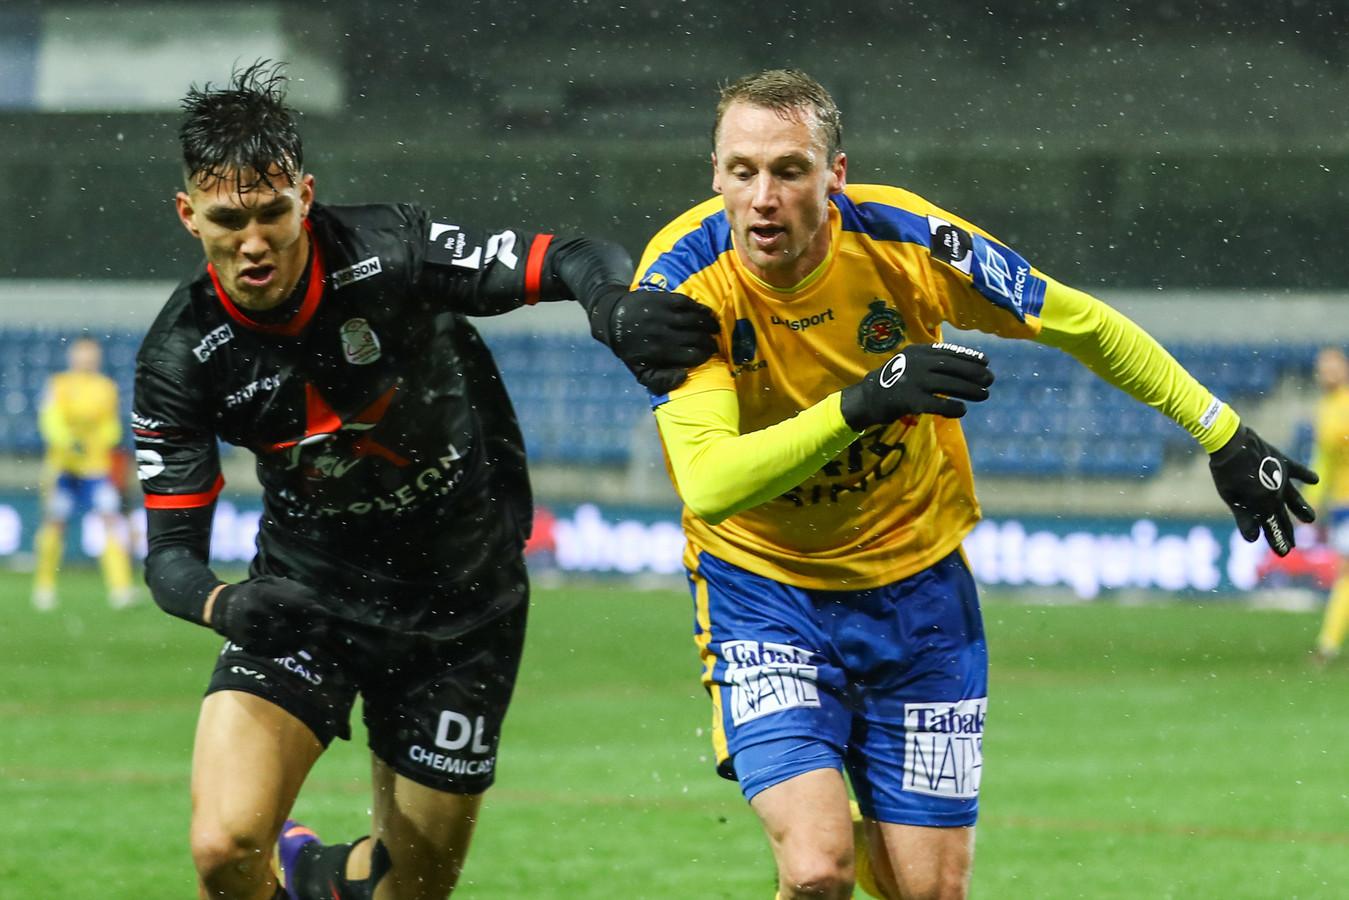 """Nikos Kainourgios (l.) maakte het debuut van Felix Bastians in de Jupiler Pro League tot een nachtmerrie. Zelf was de Griek in de wolken natuurlijk: """"Maar ik blijf toch in de eerste plaats een linkerflankspeler, hoor."""""""